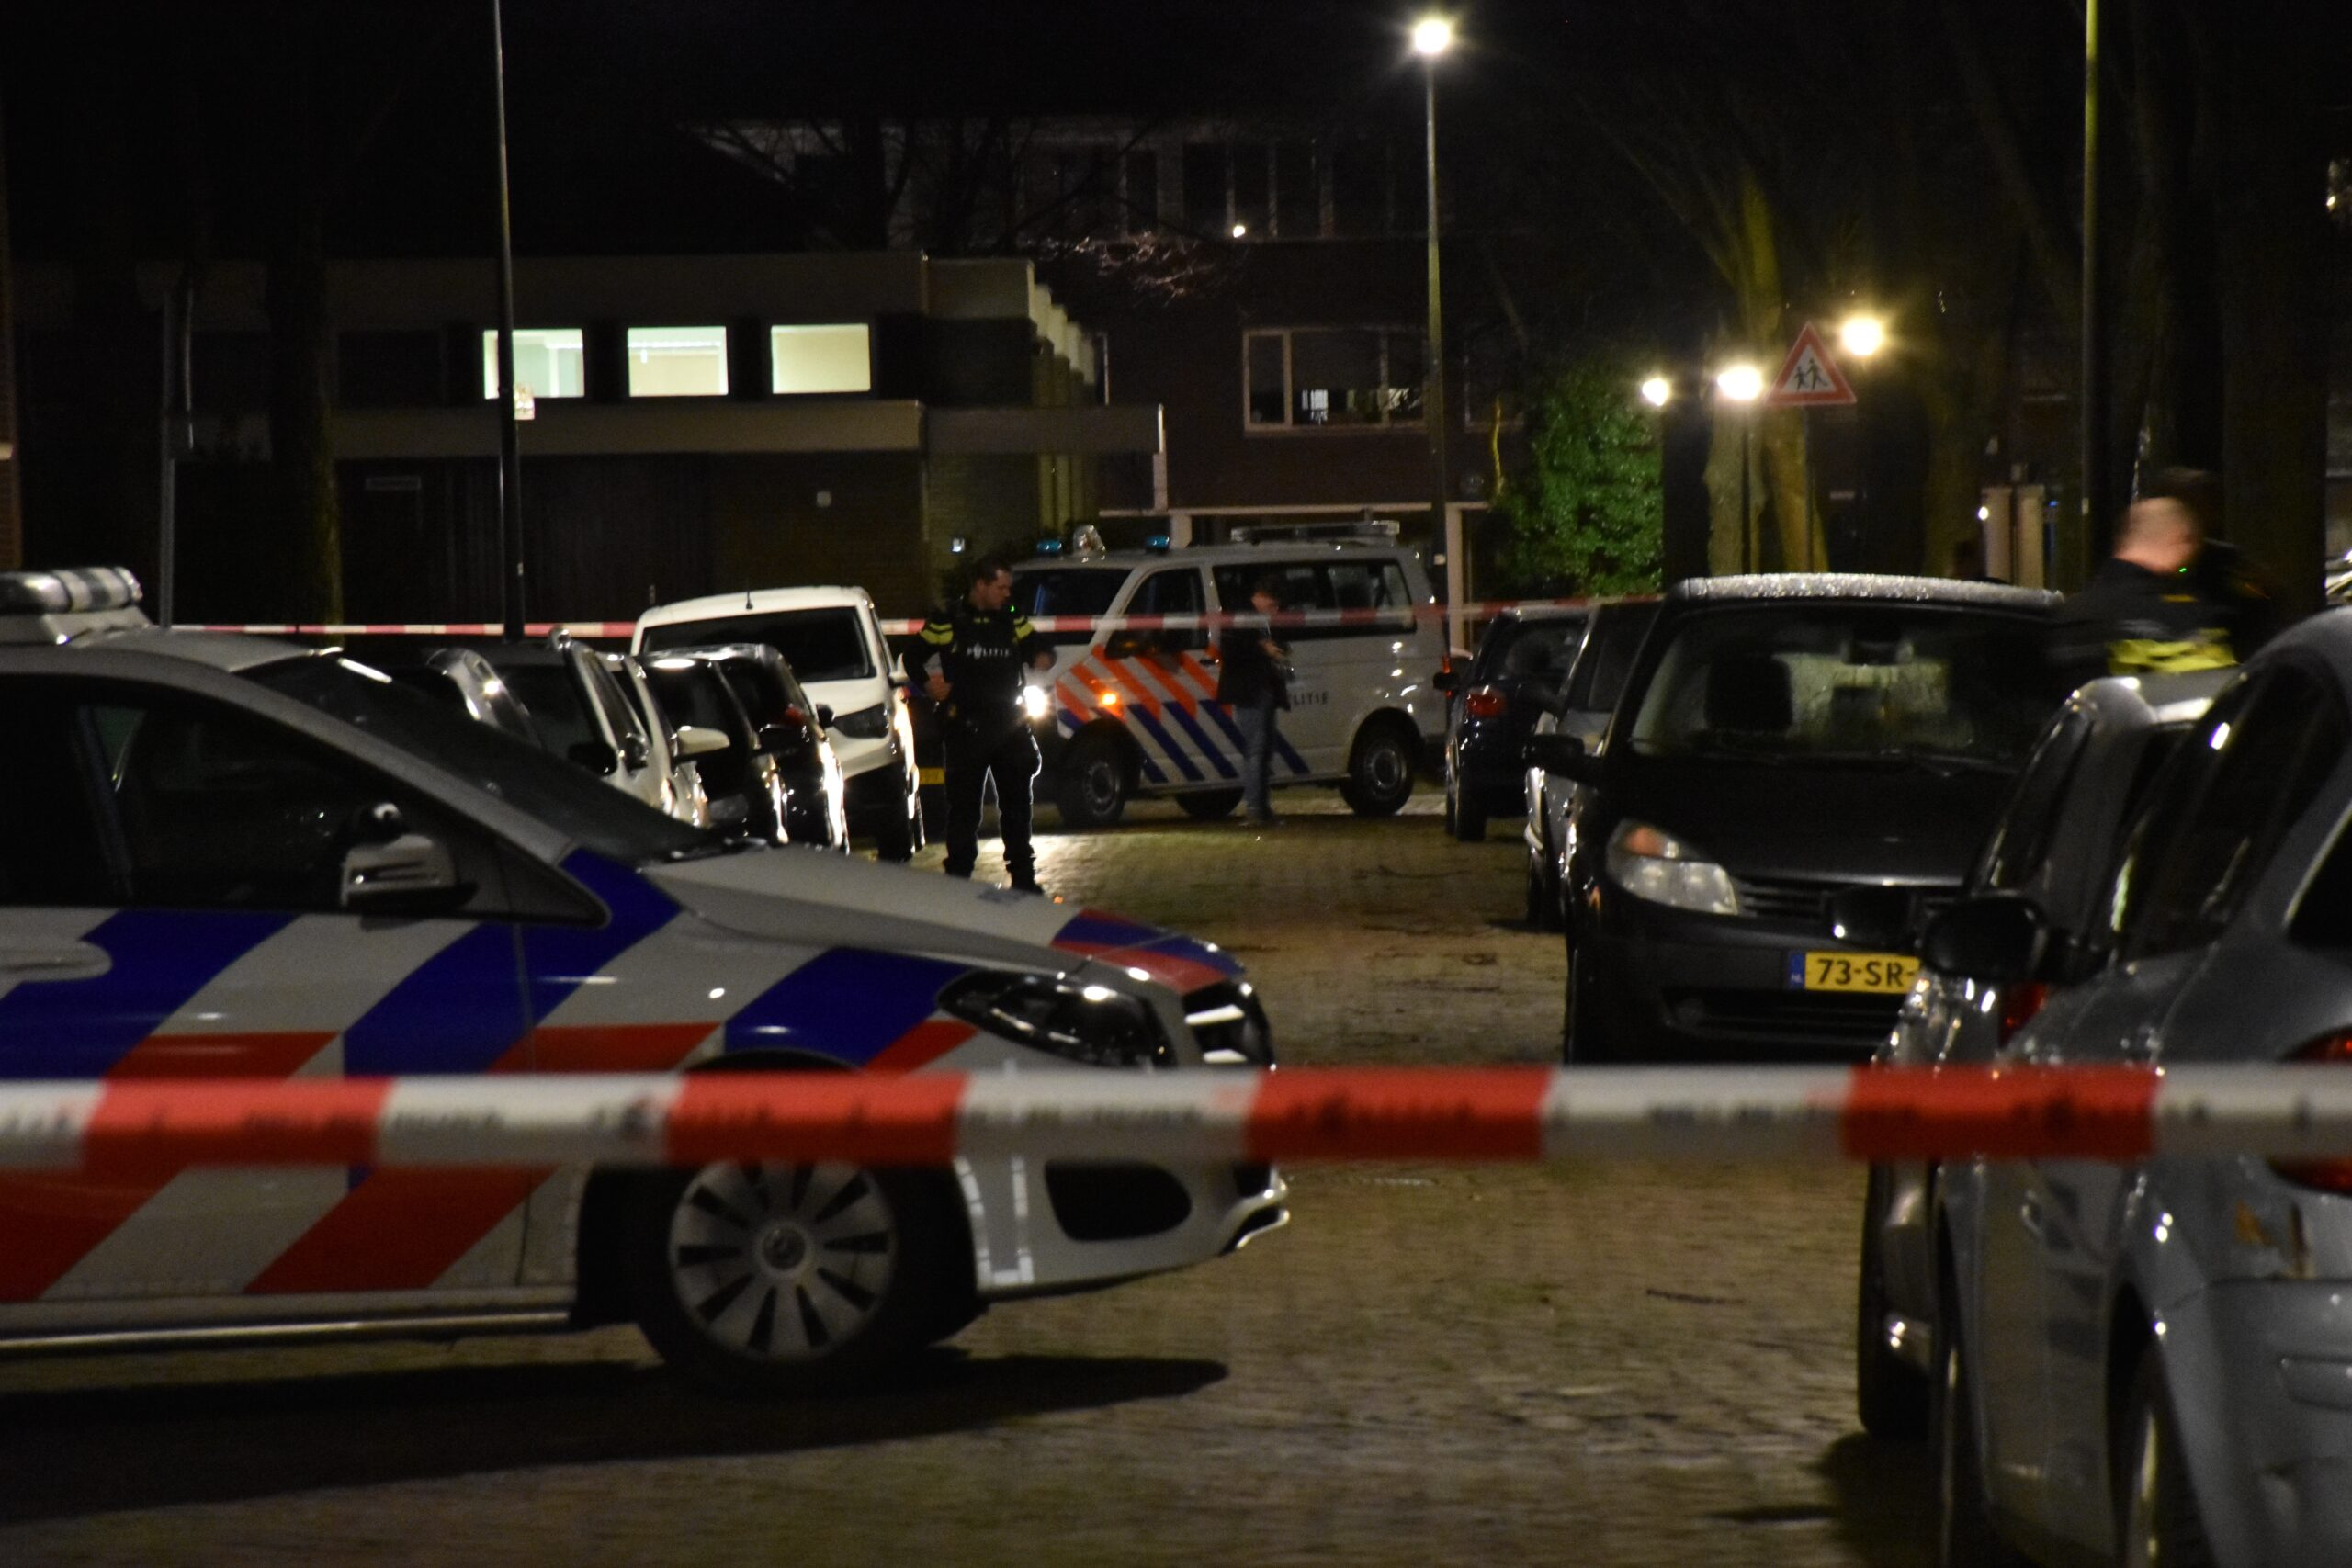 Politie onderzoekt mogelijke schietpartij na ruzie in Rijswijk